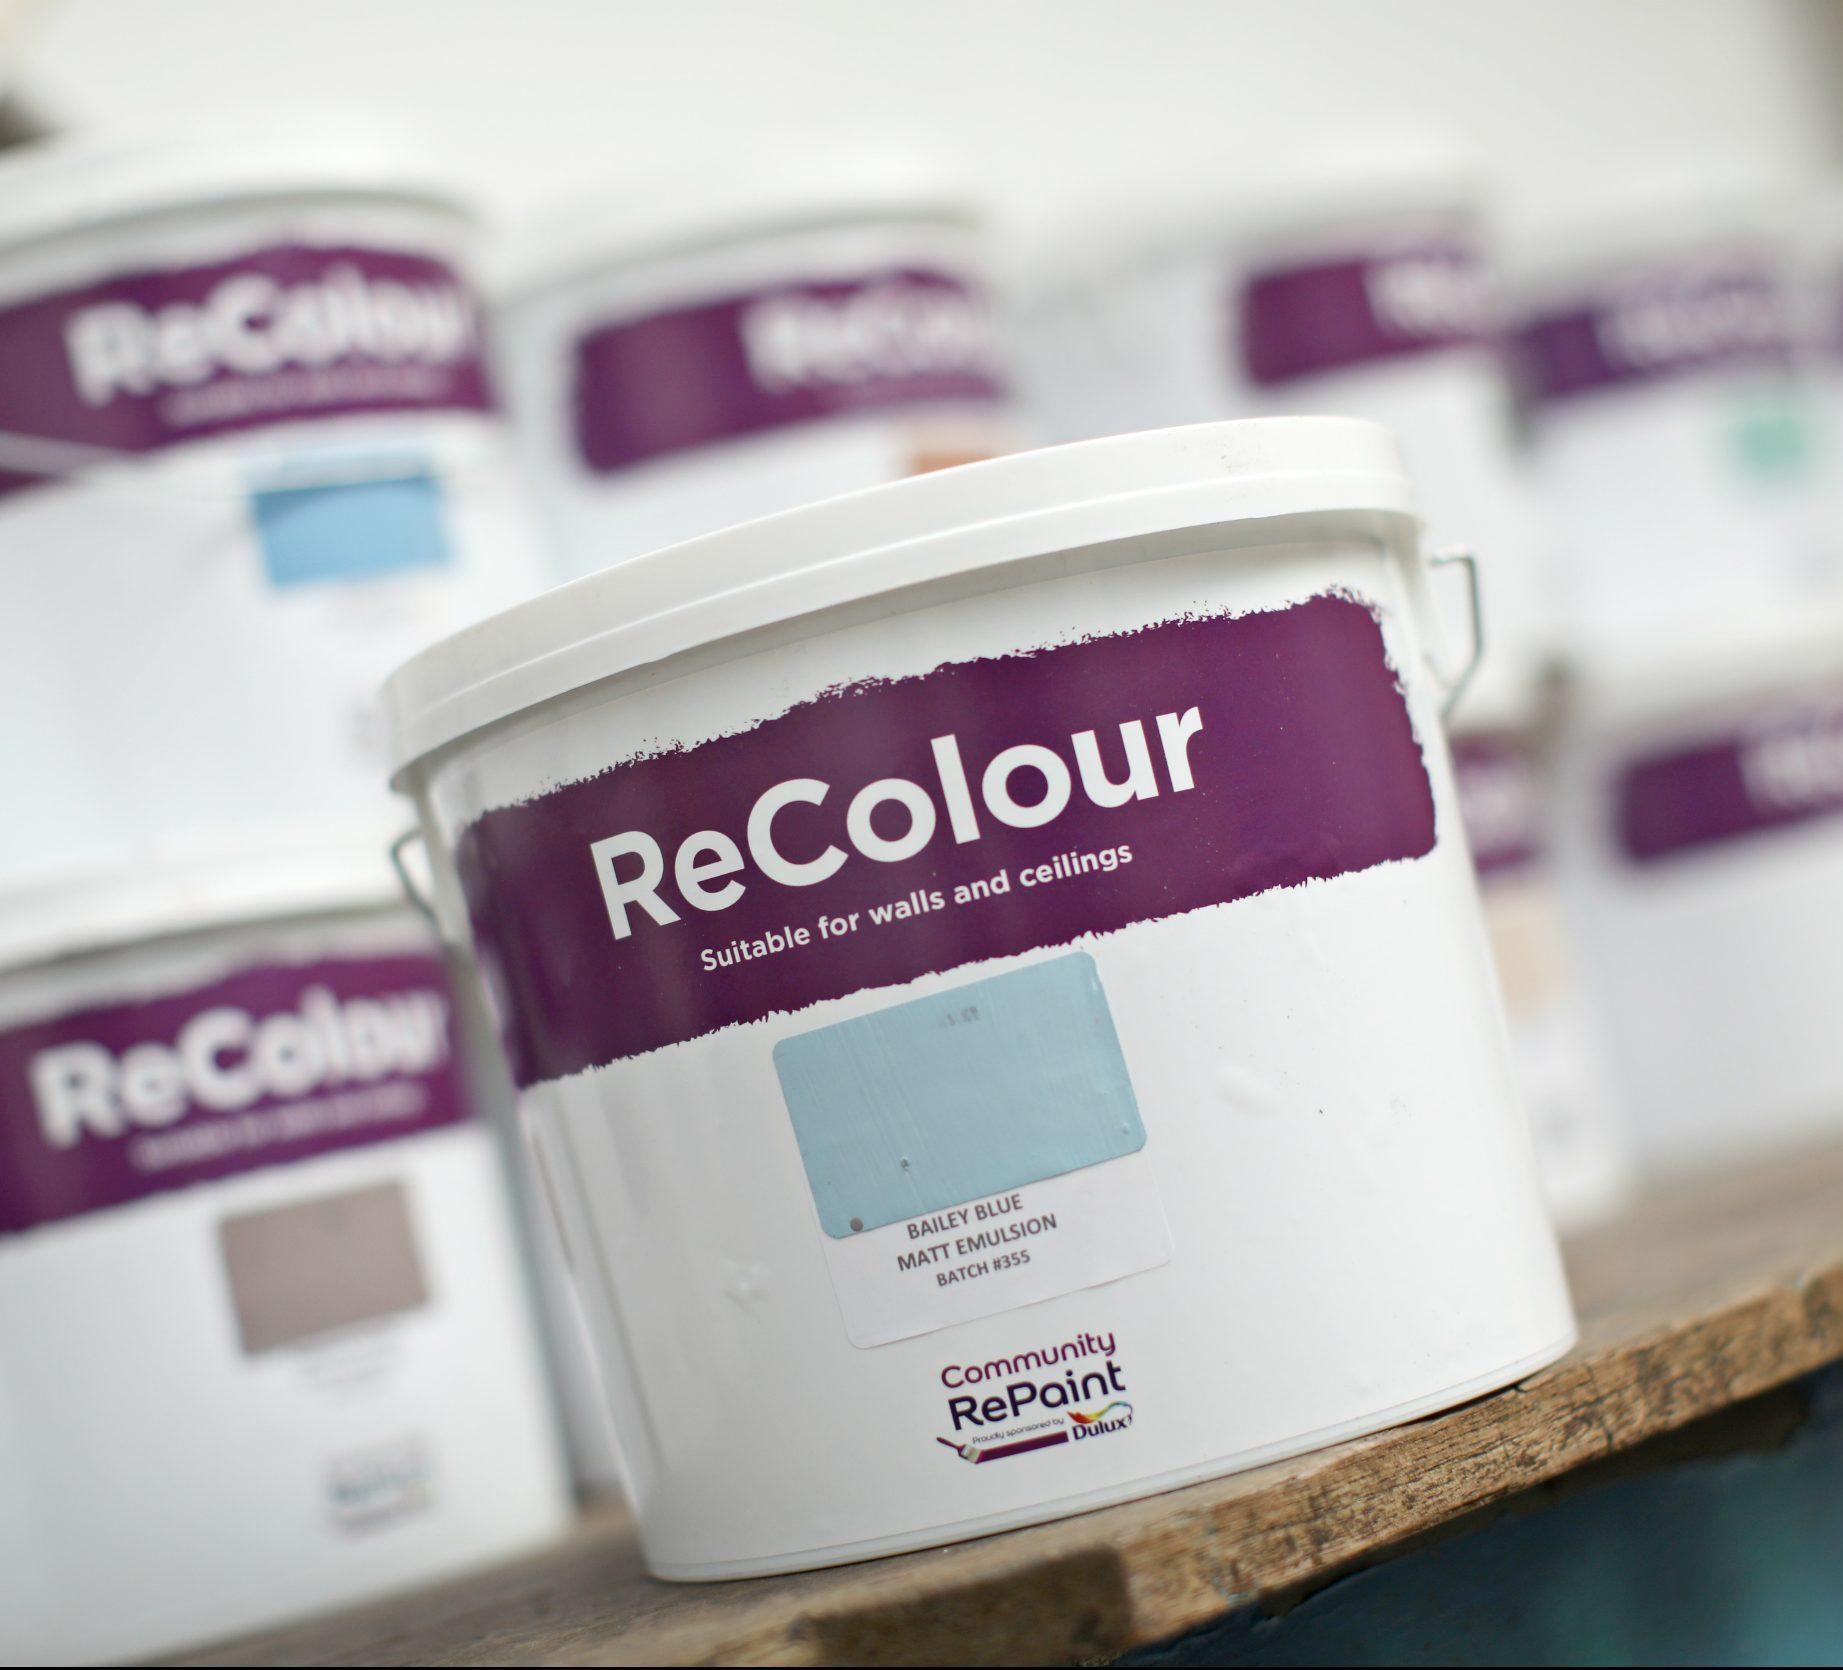 Tub of ReColour paint